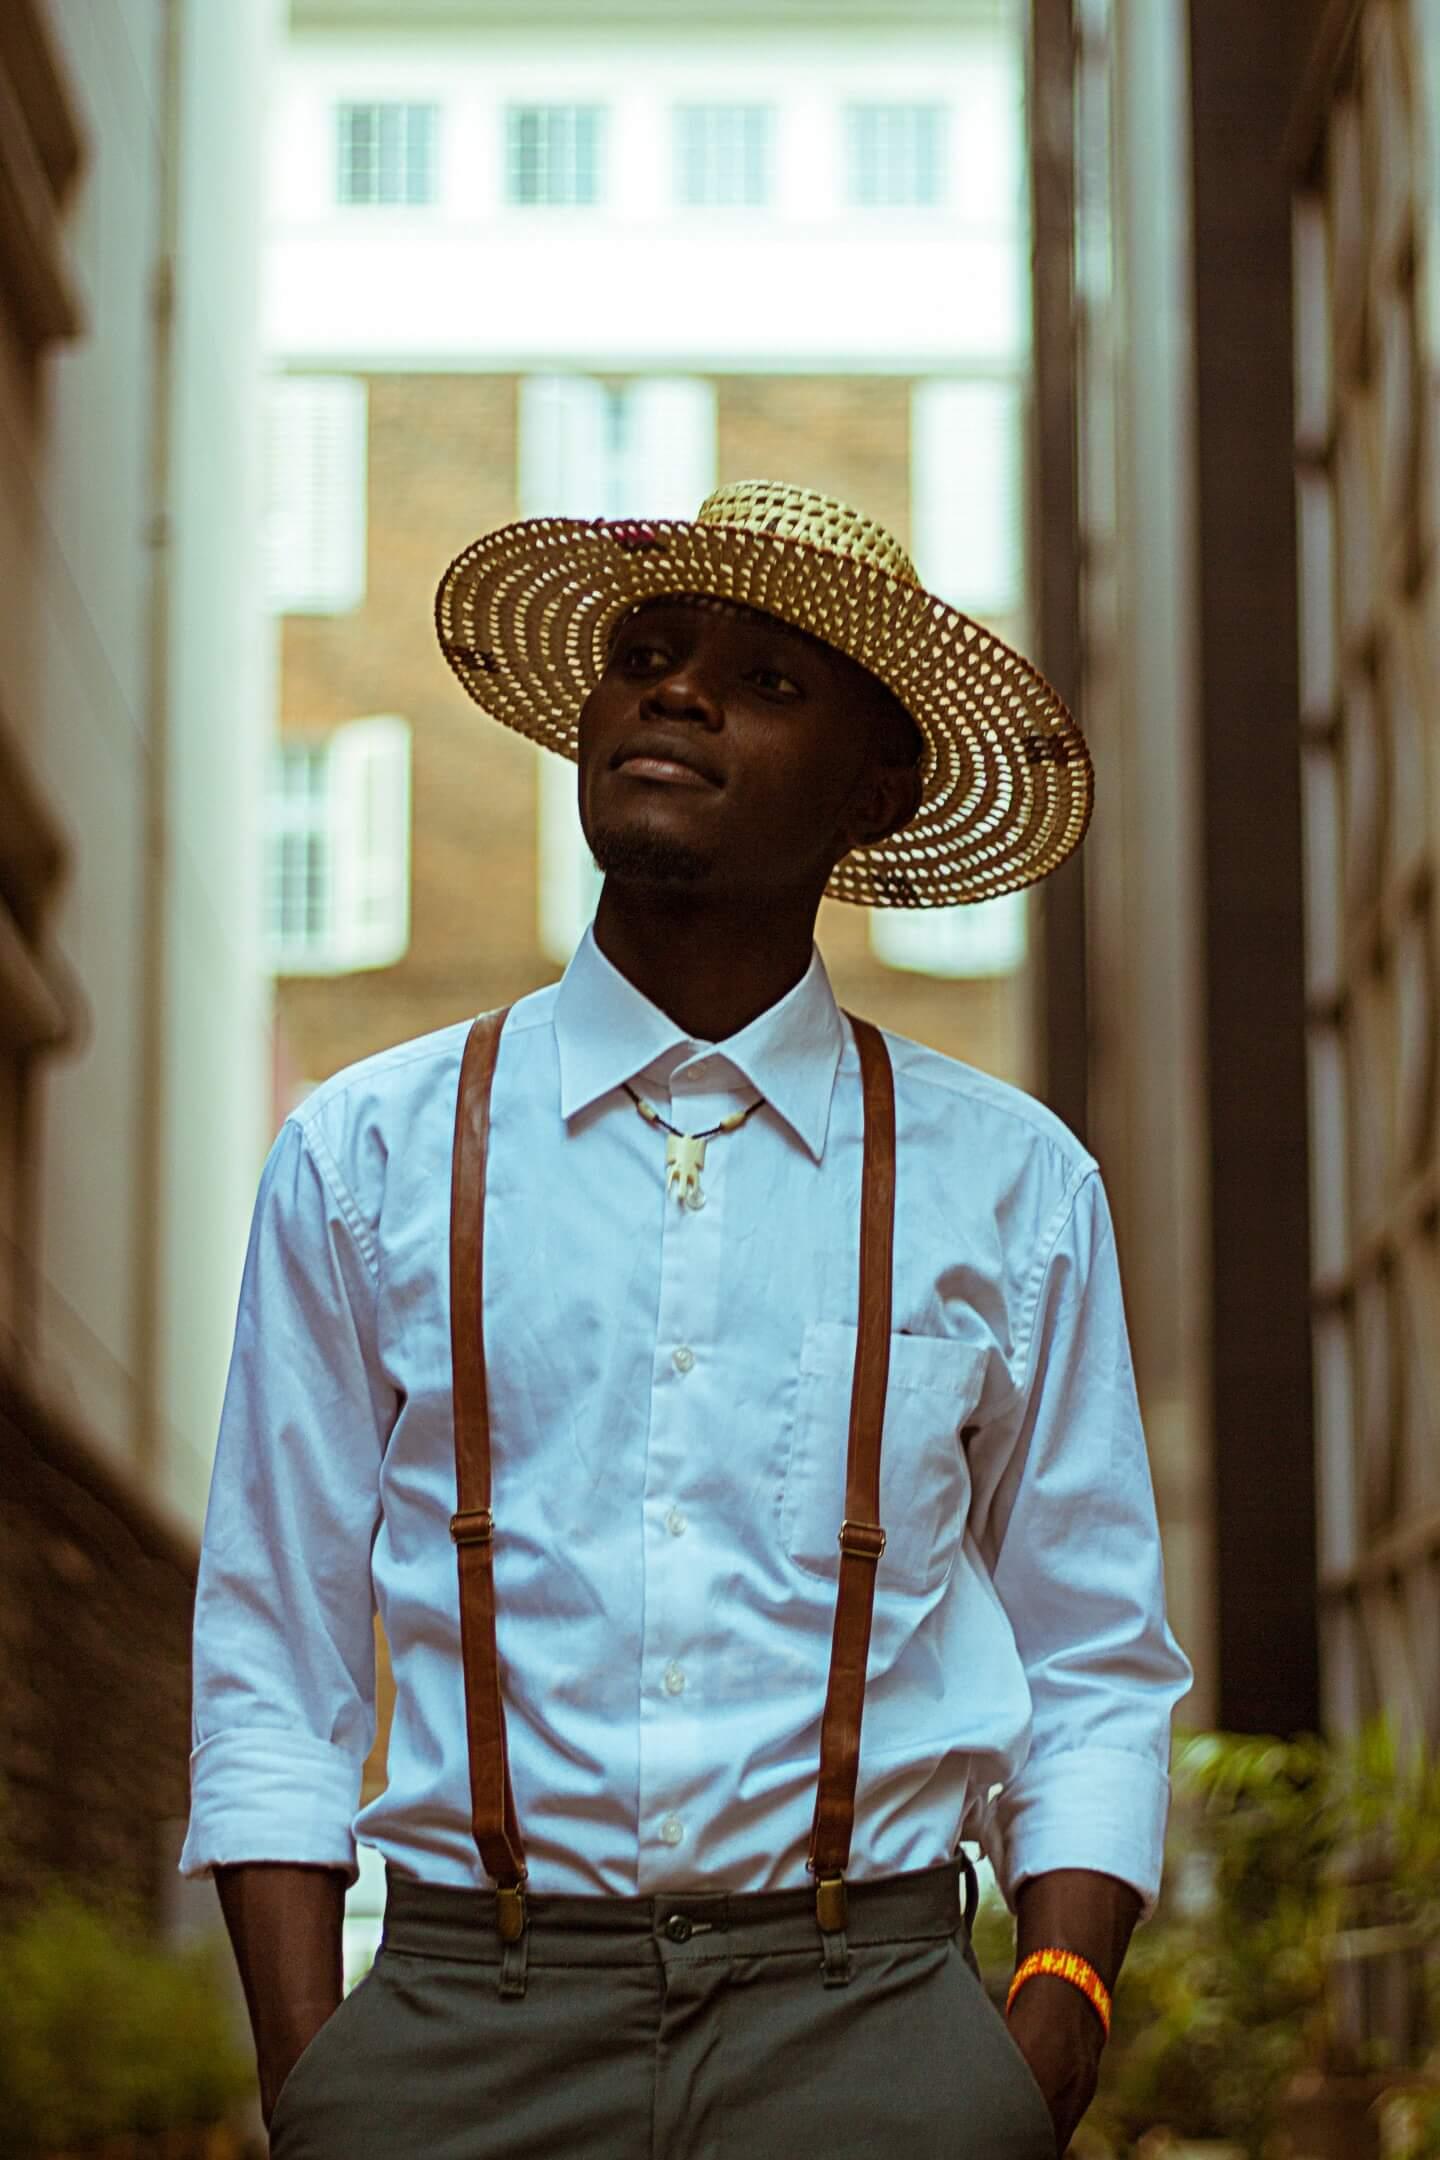 Afrikanischen mann kennenlernen